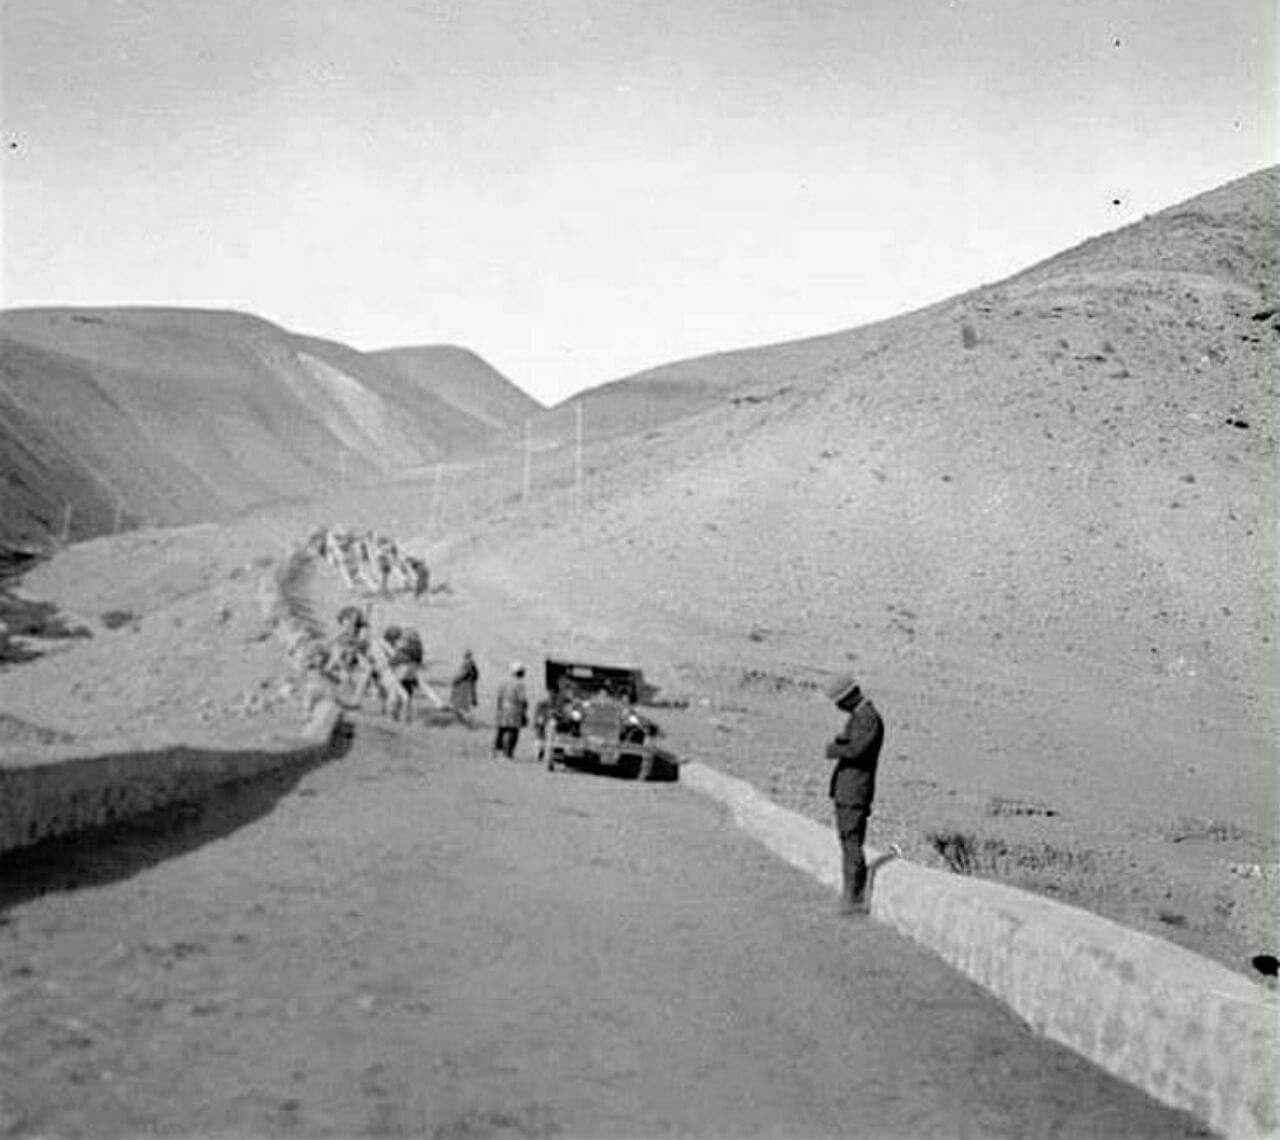 احداث جاده تهران - جاجرود به دستور رضا پهلوی - سال ۱۳۰۶ خورشیدی